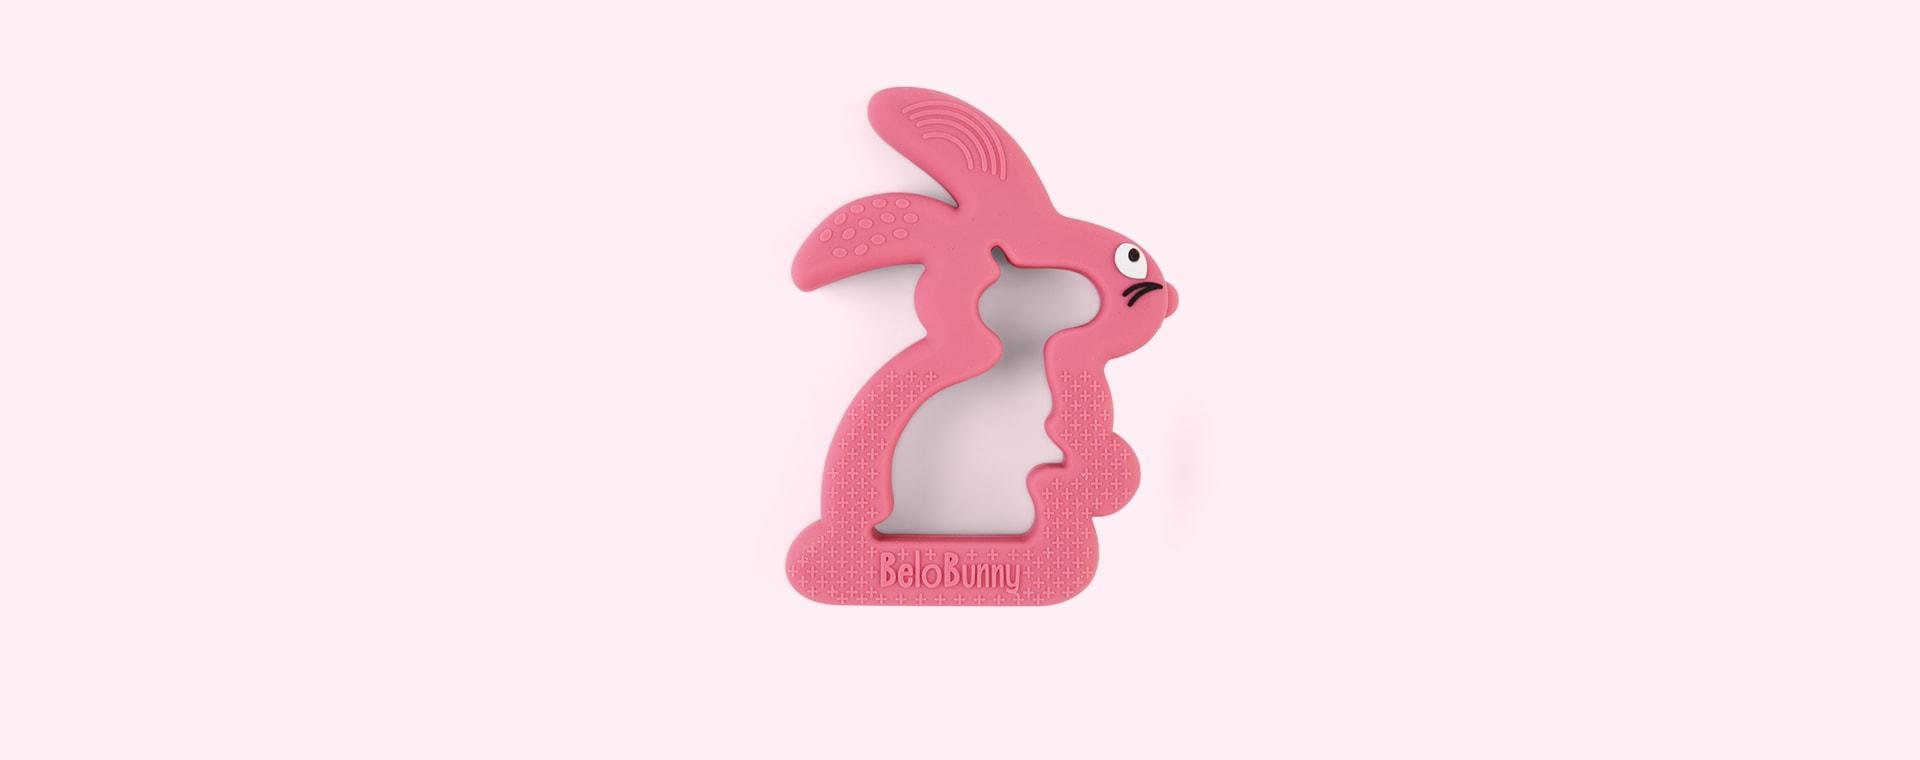 Pink Belo & Me Belo Bunny Teether